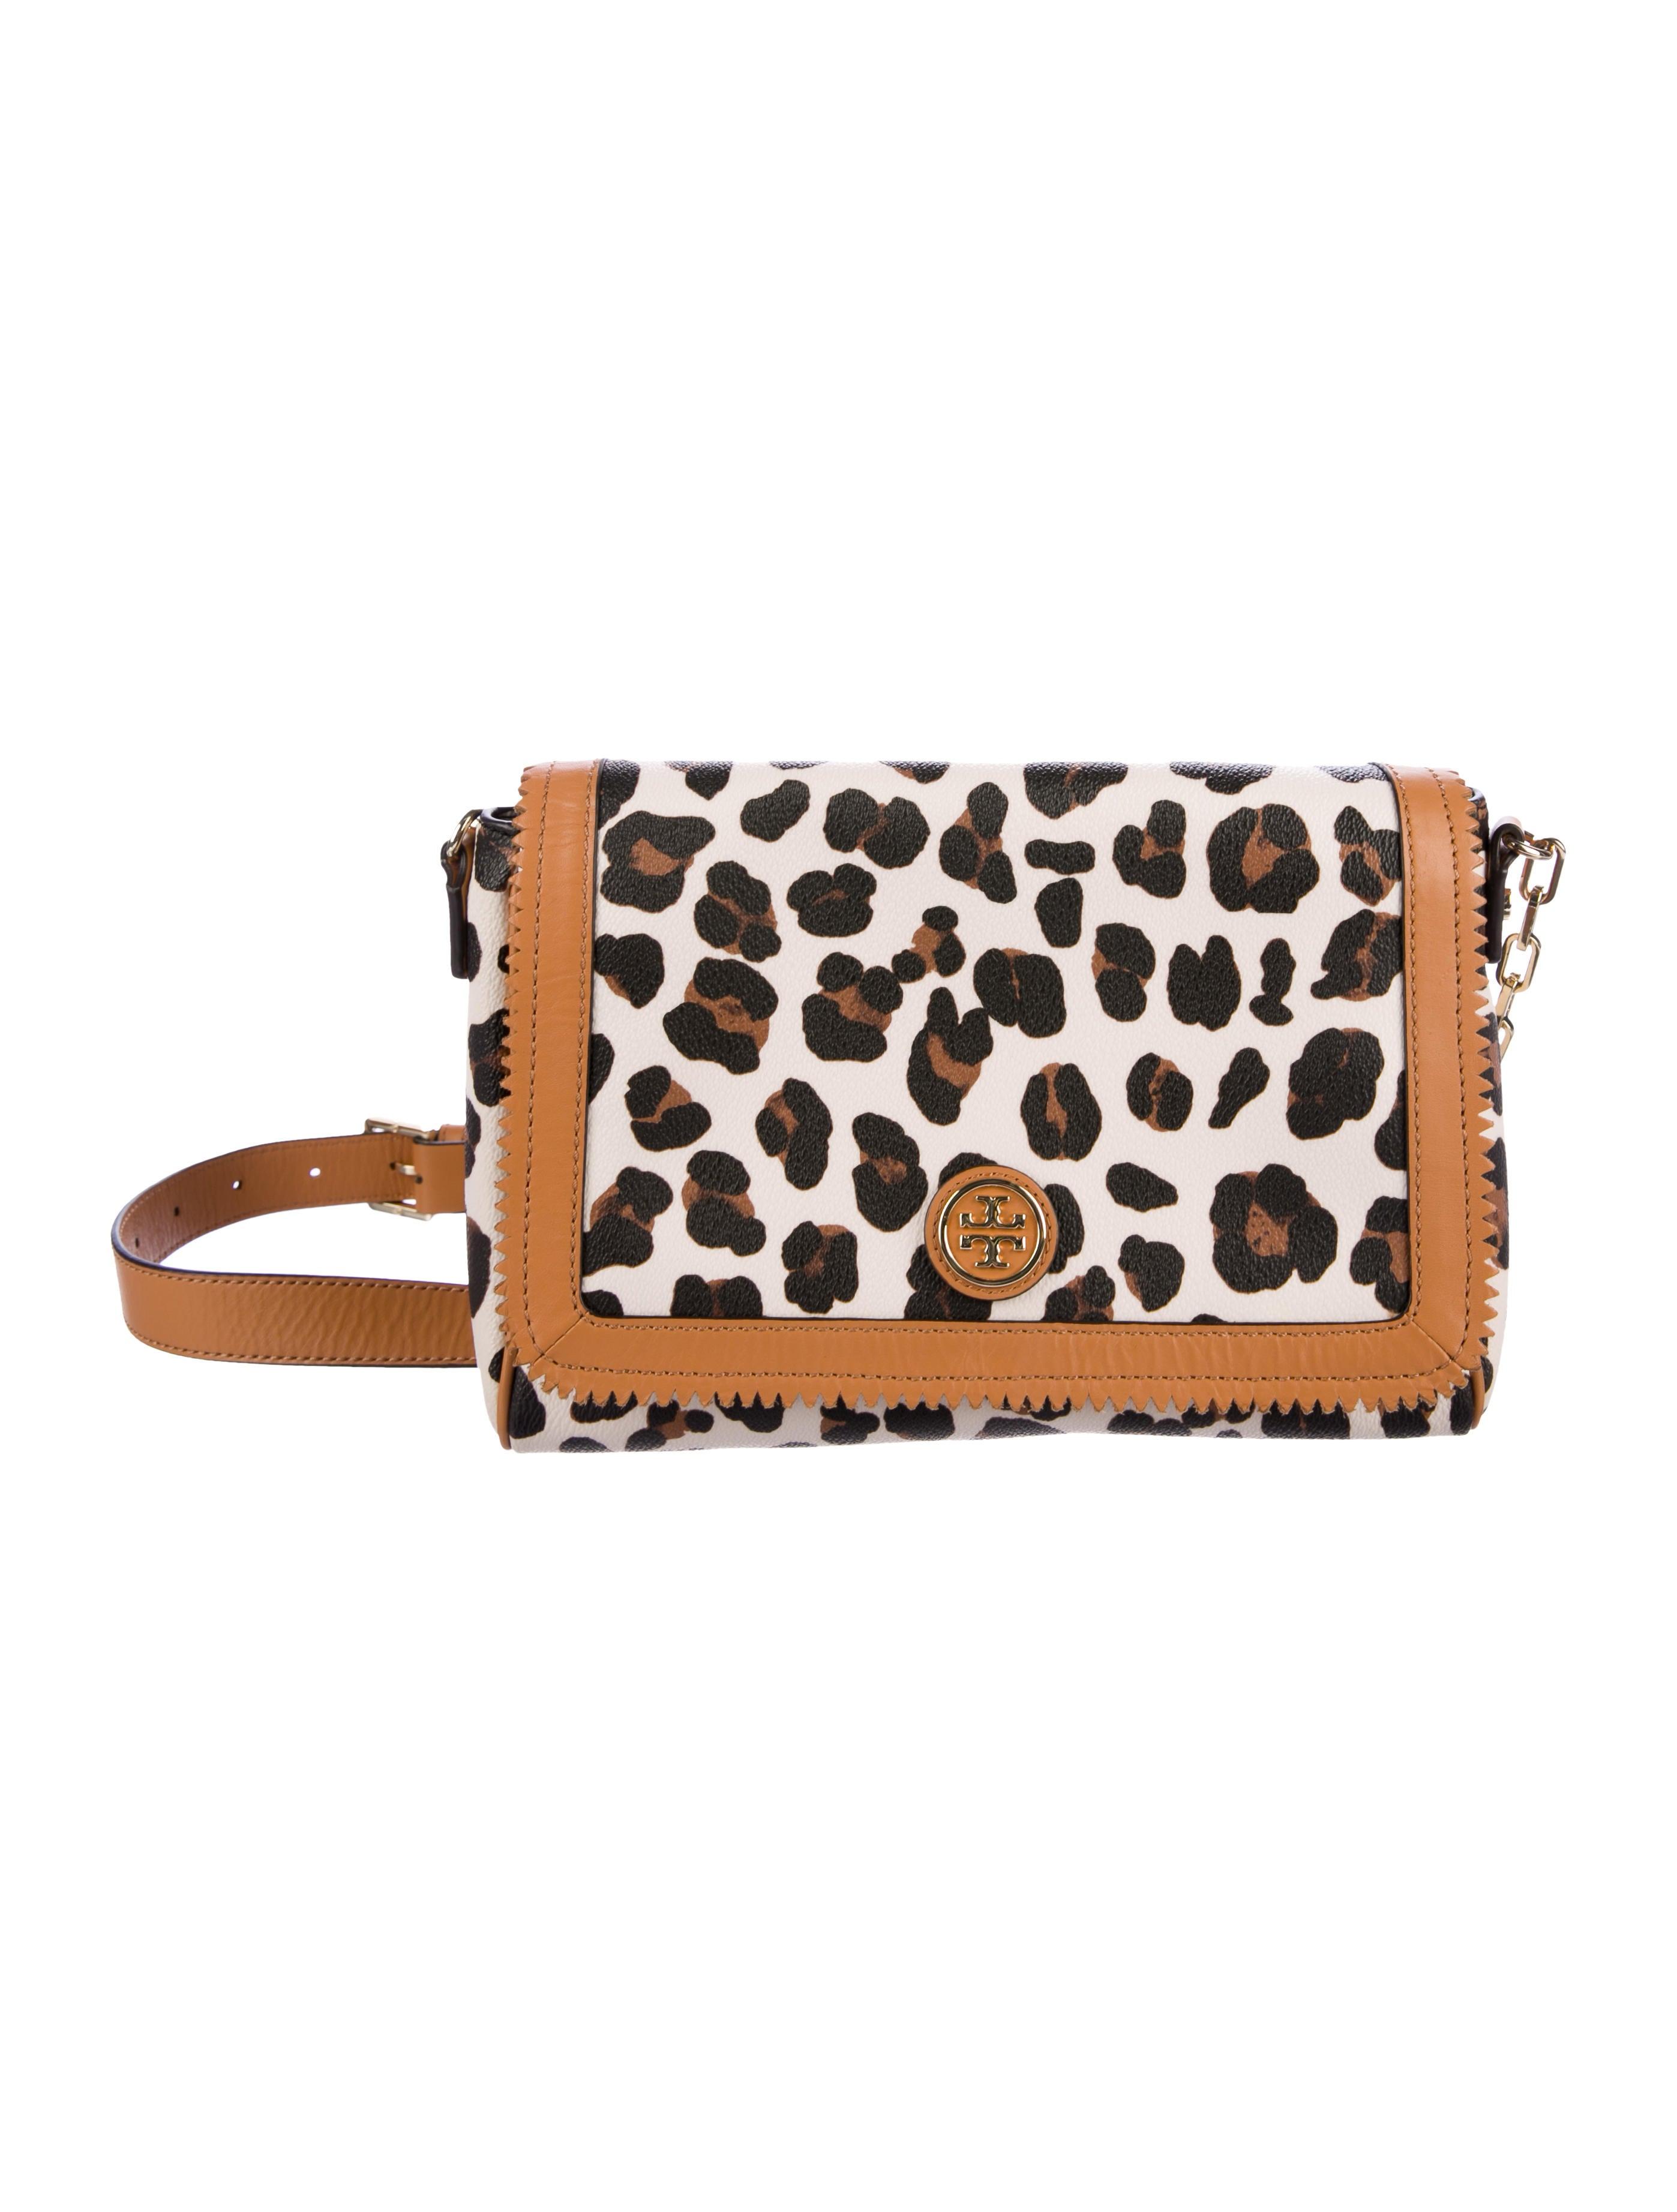 f6fe517c545 Tory Burch Kerrington Leopard Print Crossbody Bag - Handbags ...